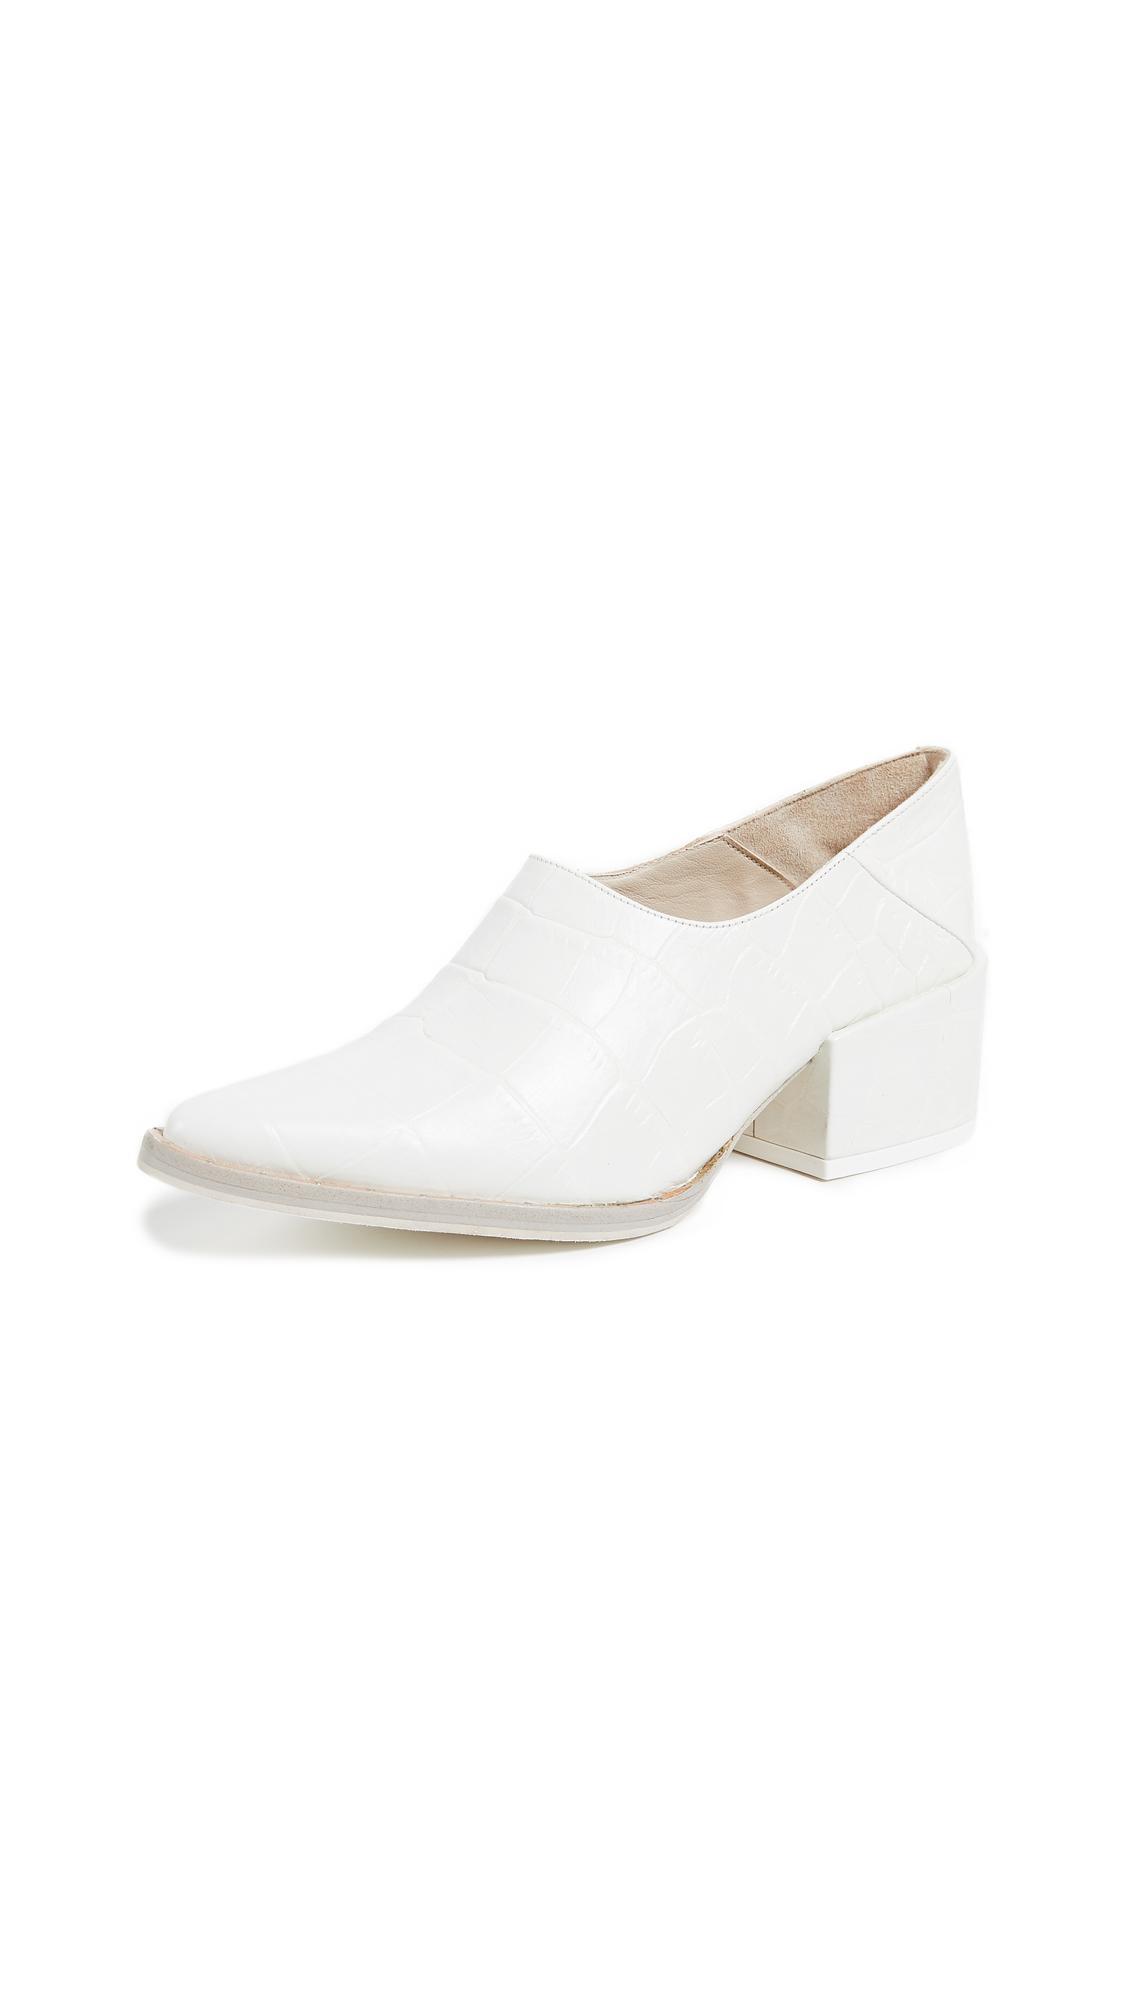 Freda Salvador Crescent Block Heel Booties In White